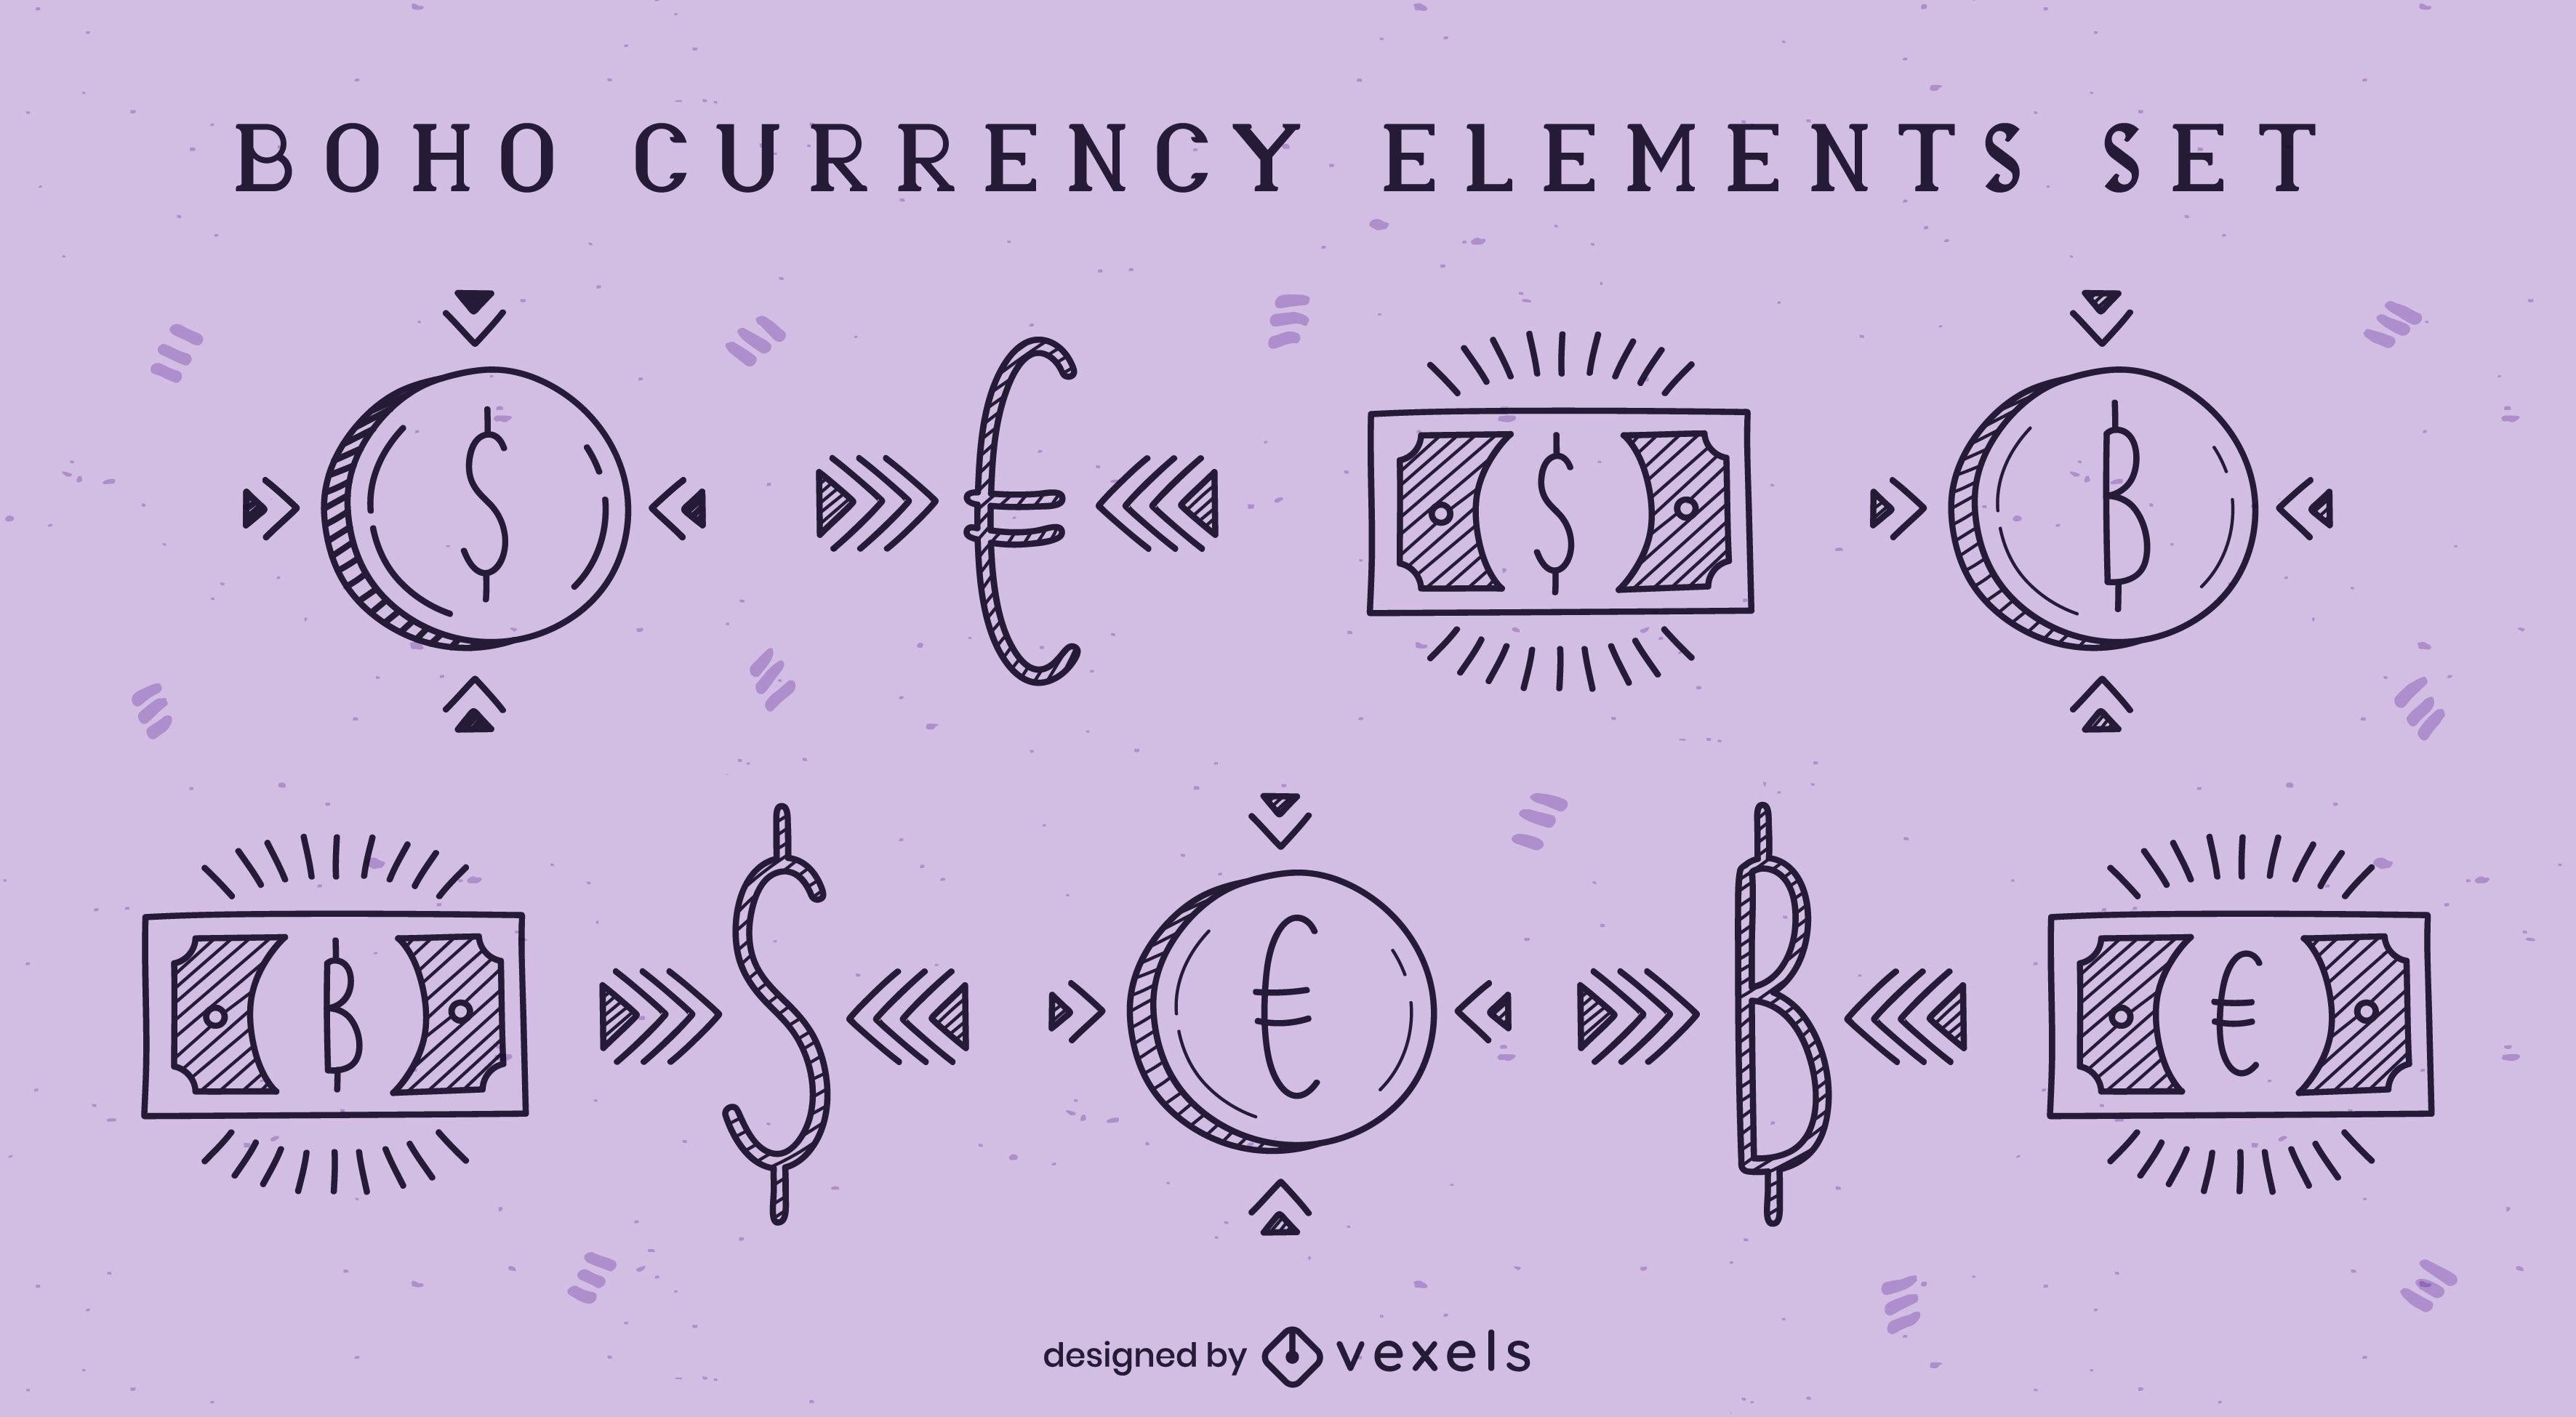 Elementos de moneda y dinero boho doodle